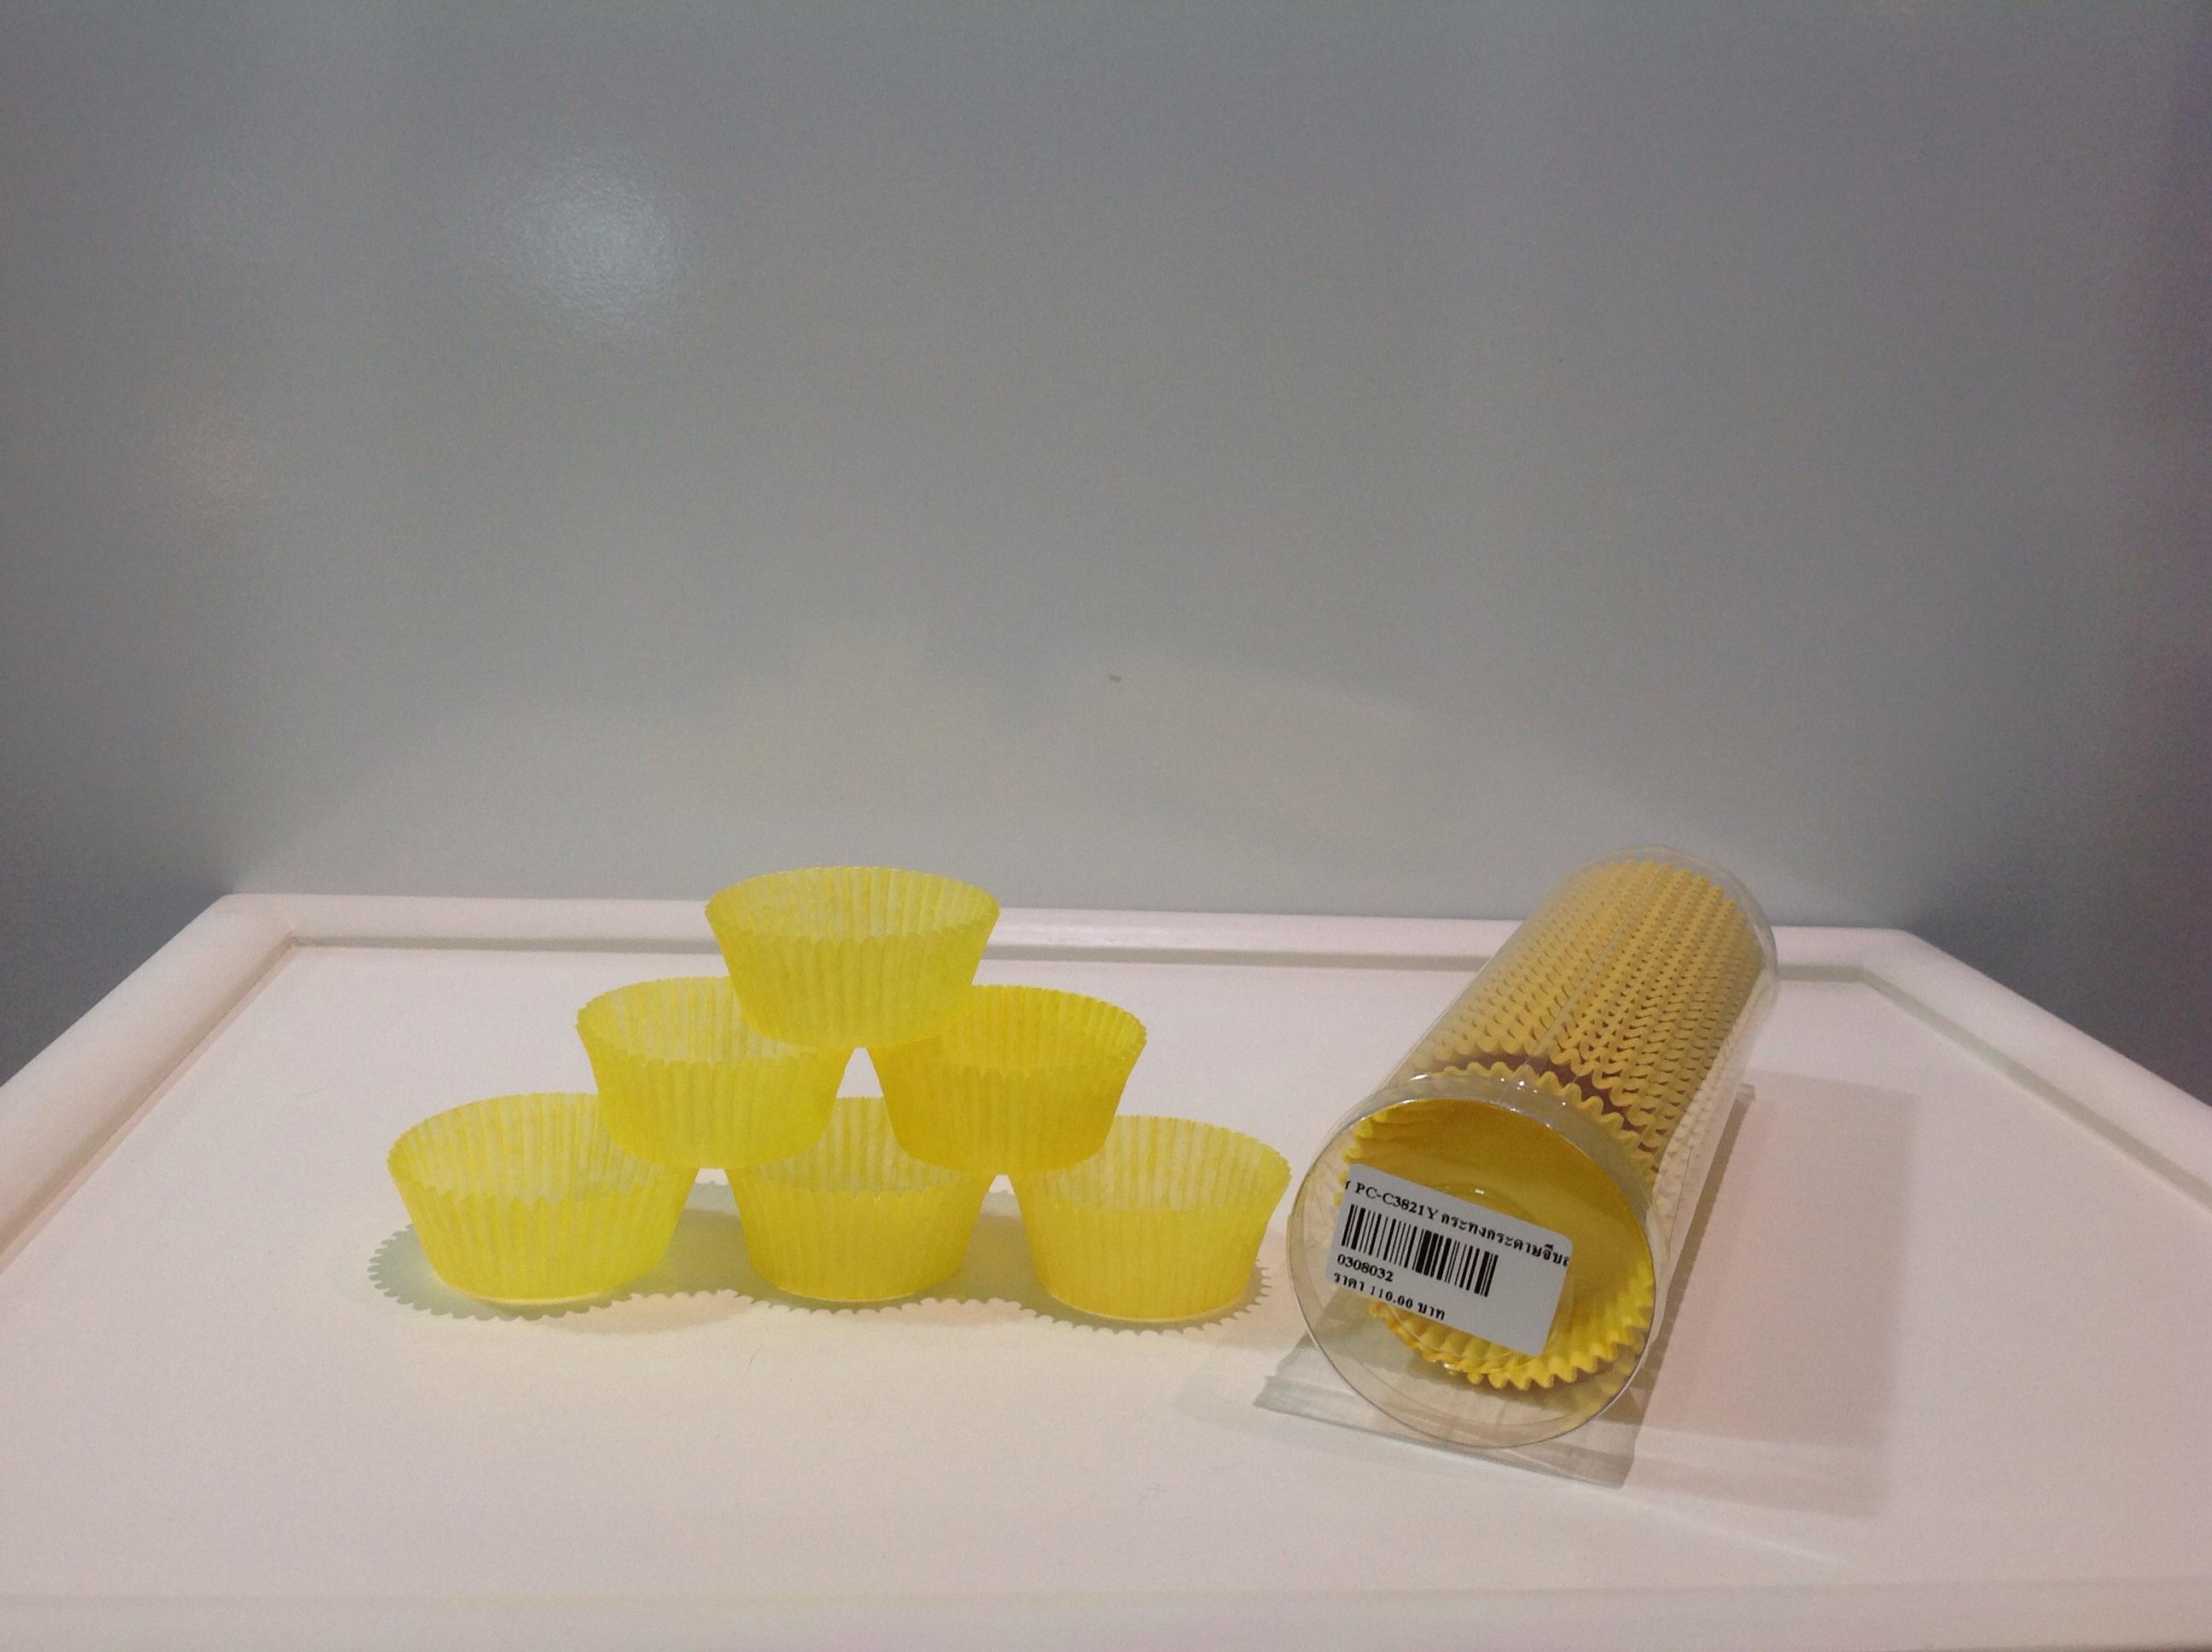 PC-C3821Y กระทงกระดาษจีบสีเหลือง